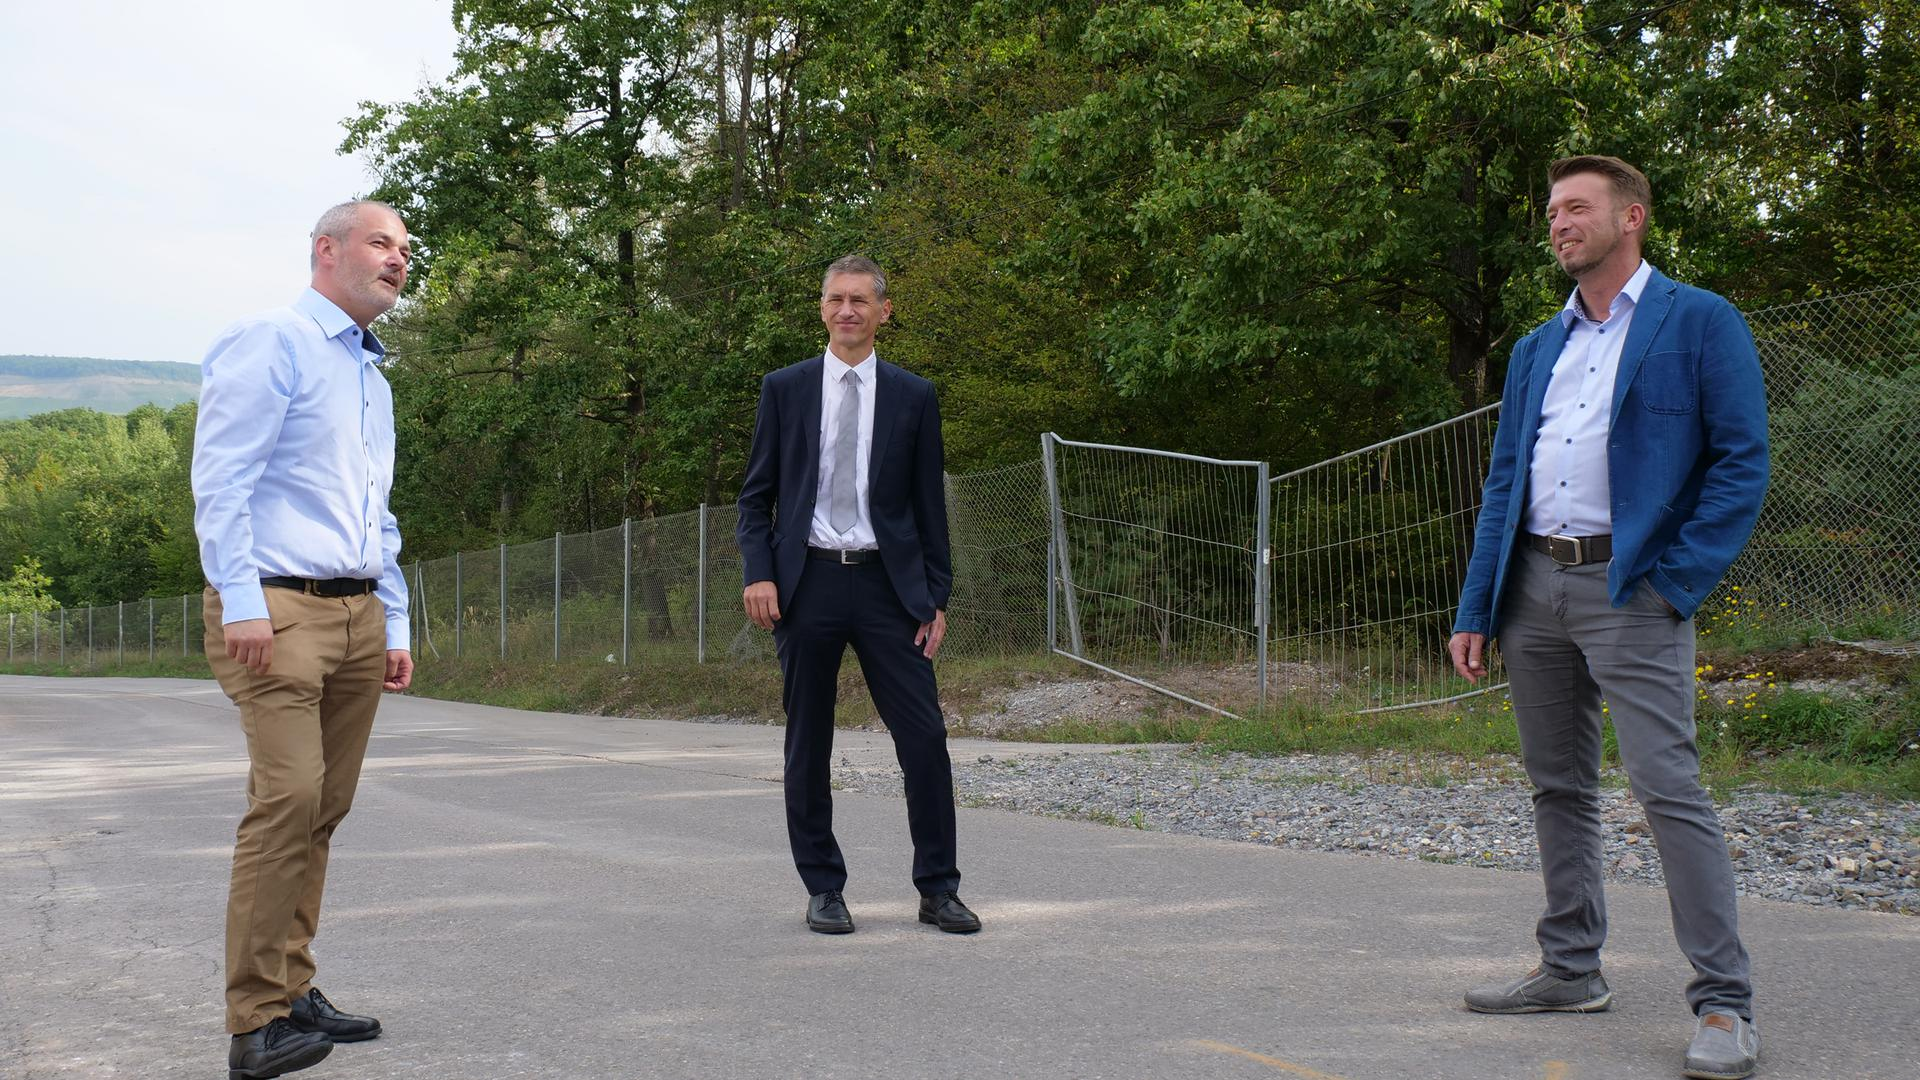 Alexander Pfeiffer (Abteilungsleiter Abfallwirtschaft Pforzheim), sowie die HFG-Geschäftsführer Frank Stephan und Tobias Mertenskötter (von links) begutachten die Stelle, an der die Erweiterung geplant ist